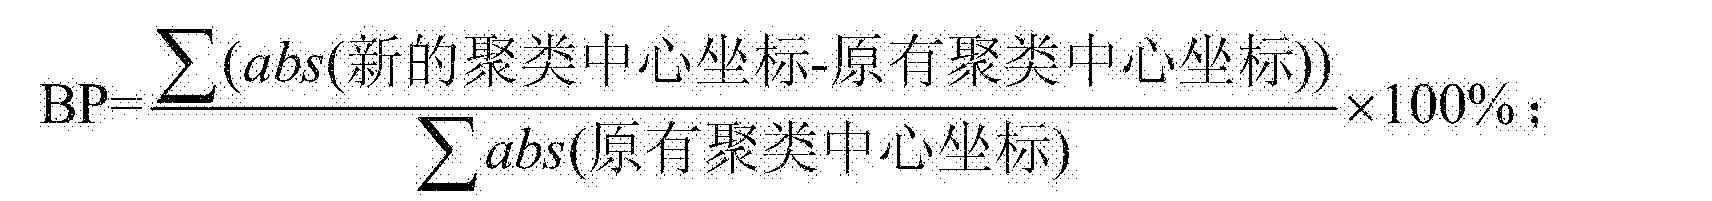 Figure CN103713217BC00024